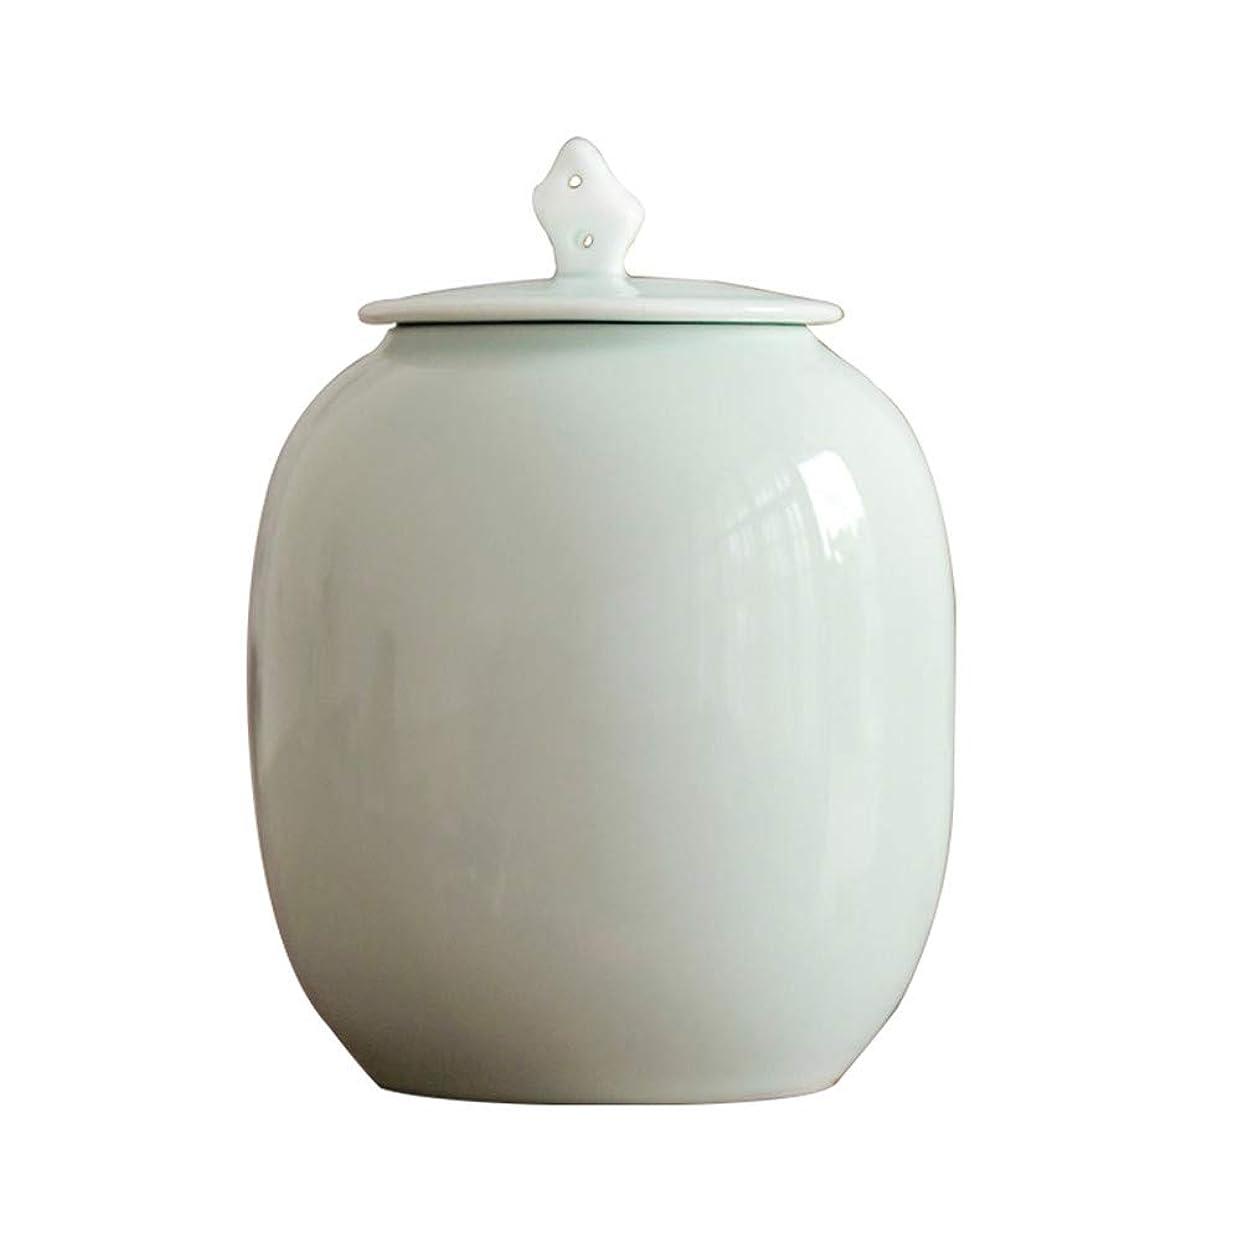 つかいます考古学的な爆風アッシュ缶陶芸湿気から密封手作り人間のペットの灰を保存するために使用葬儀用品